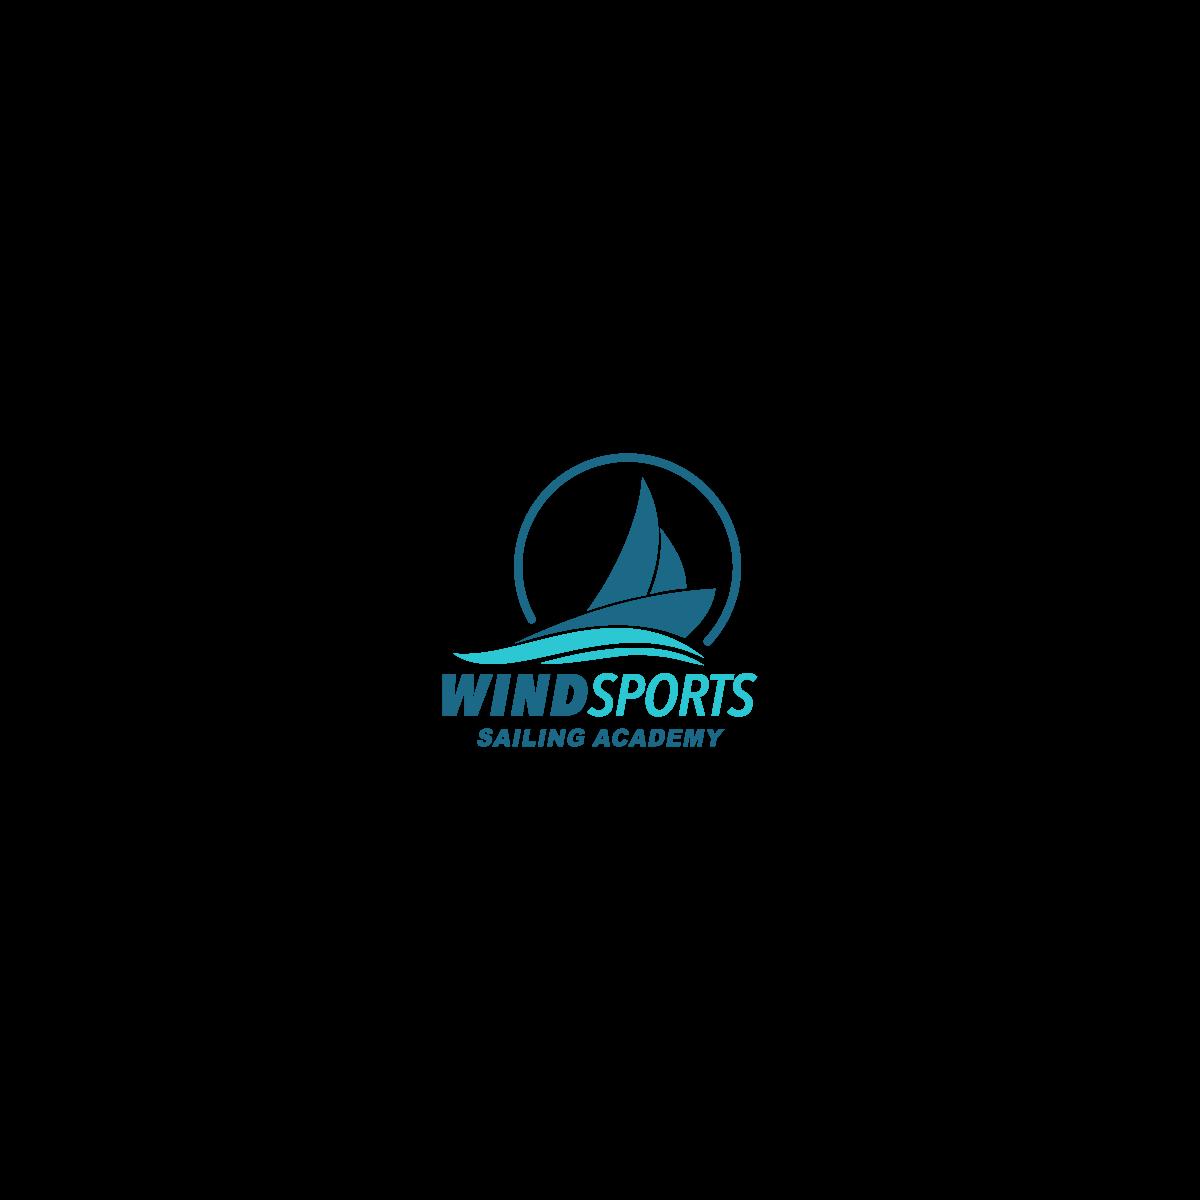 Logo design tweak